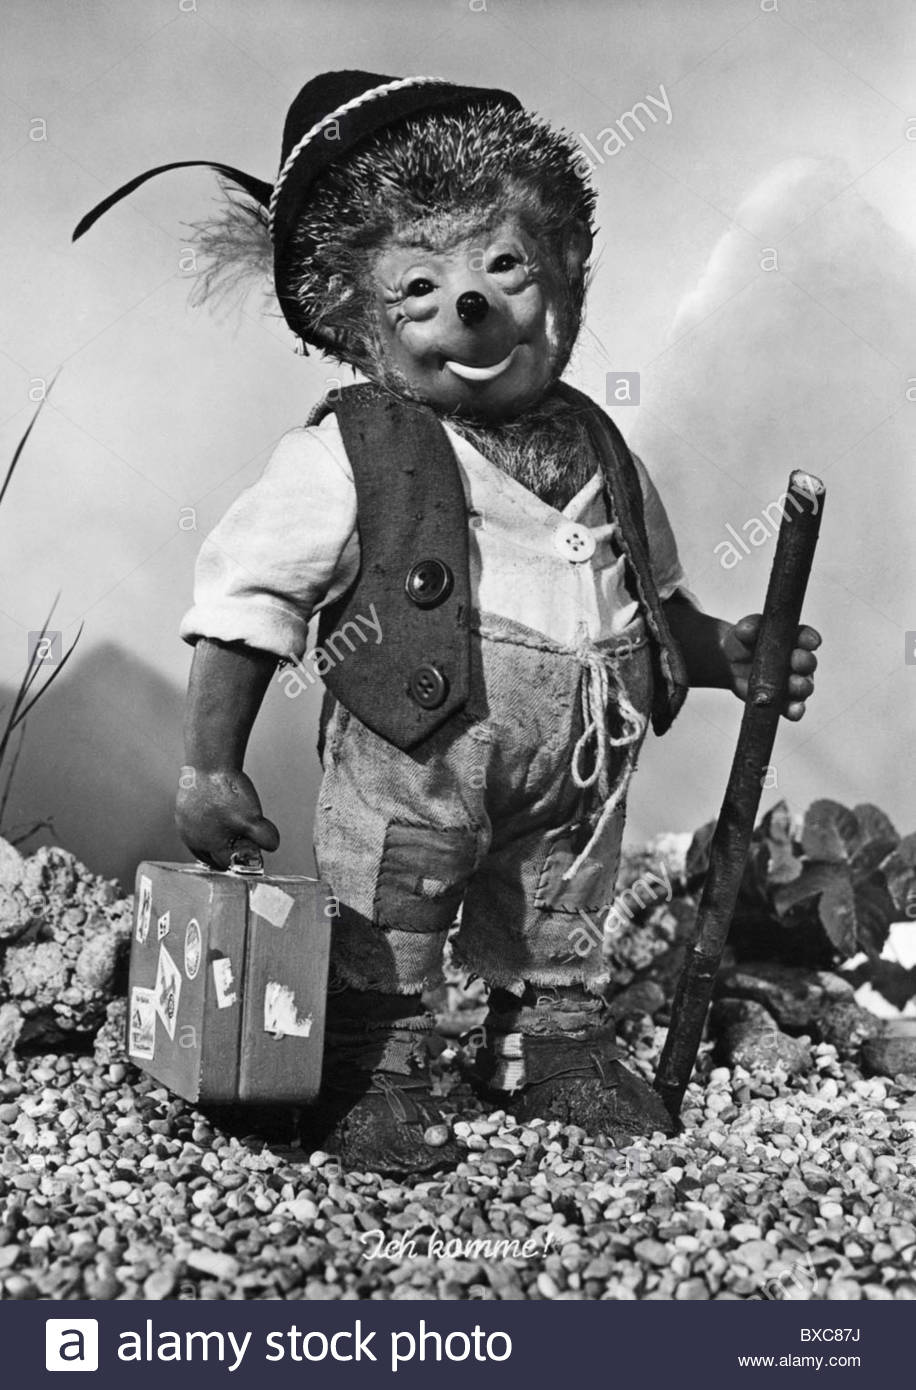 """Spiele, Puppen, """"Mecki"""" the Hedgehog, Szene aus den Filmen der Brüder Diehl, 1950er Jahre, 50er Jahre, Stockbild"""